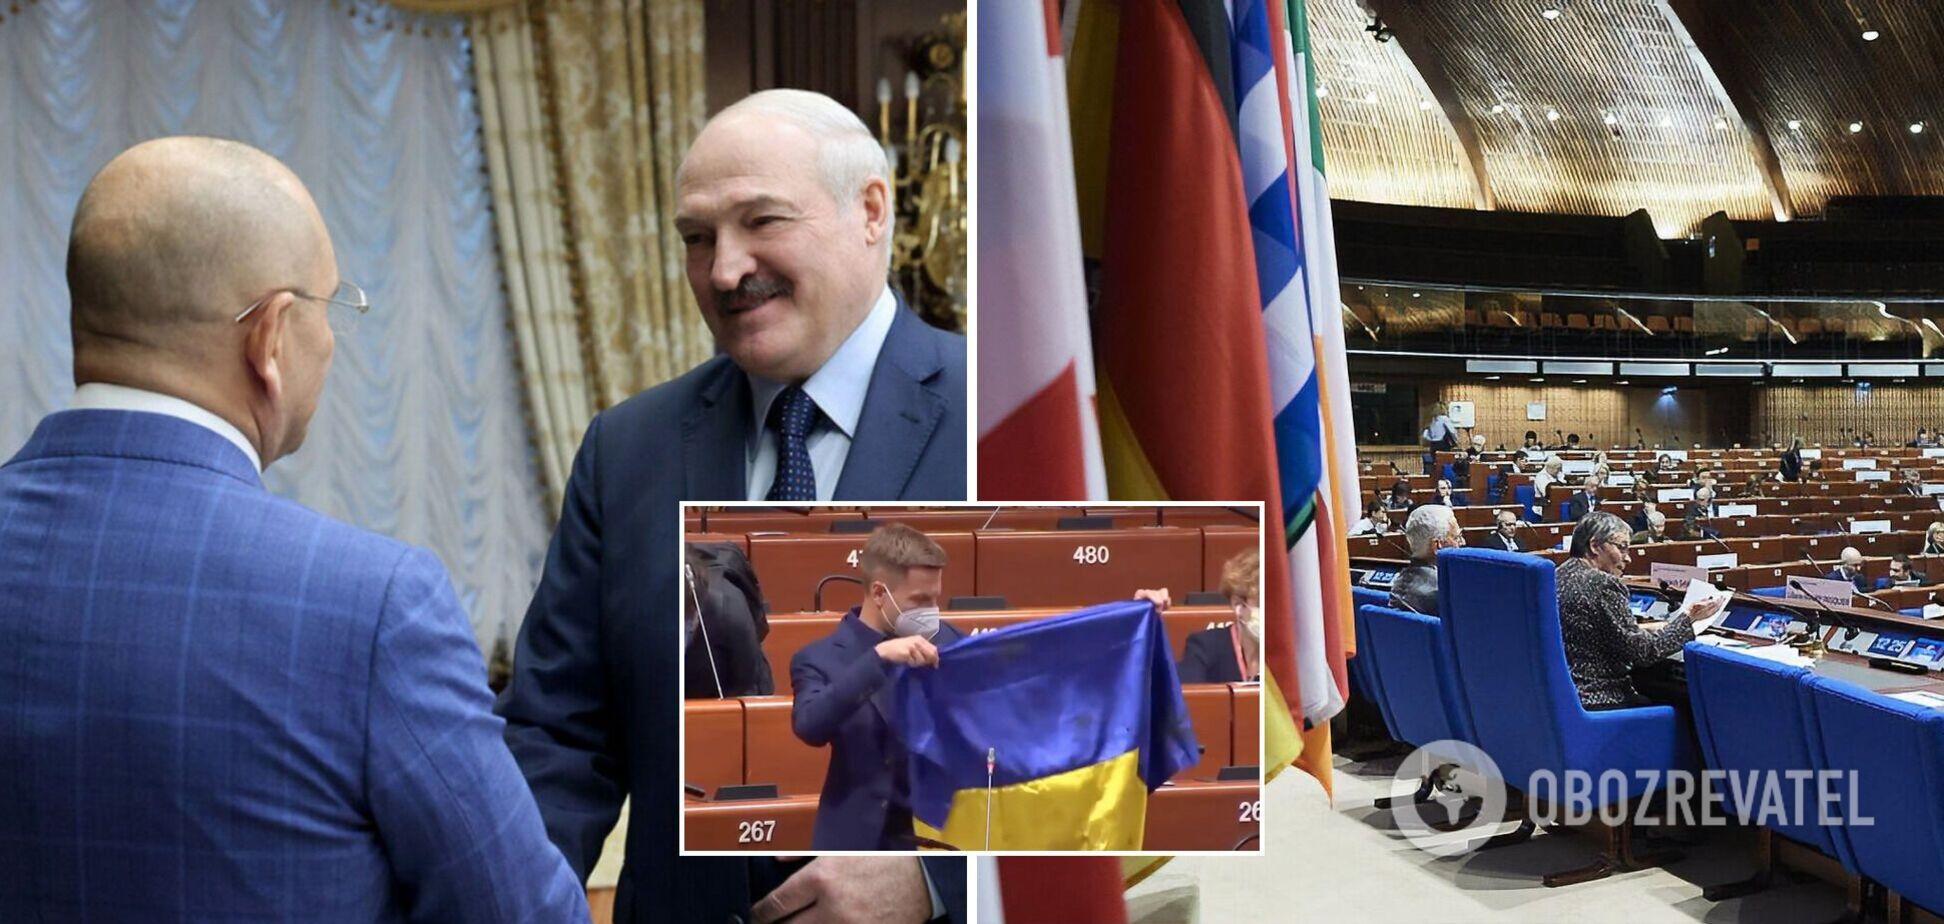 Новини України: в ПАРЄ розгорнули прострелений прапор, а 'слуга' заявив про 'любов' до Лукашенка